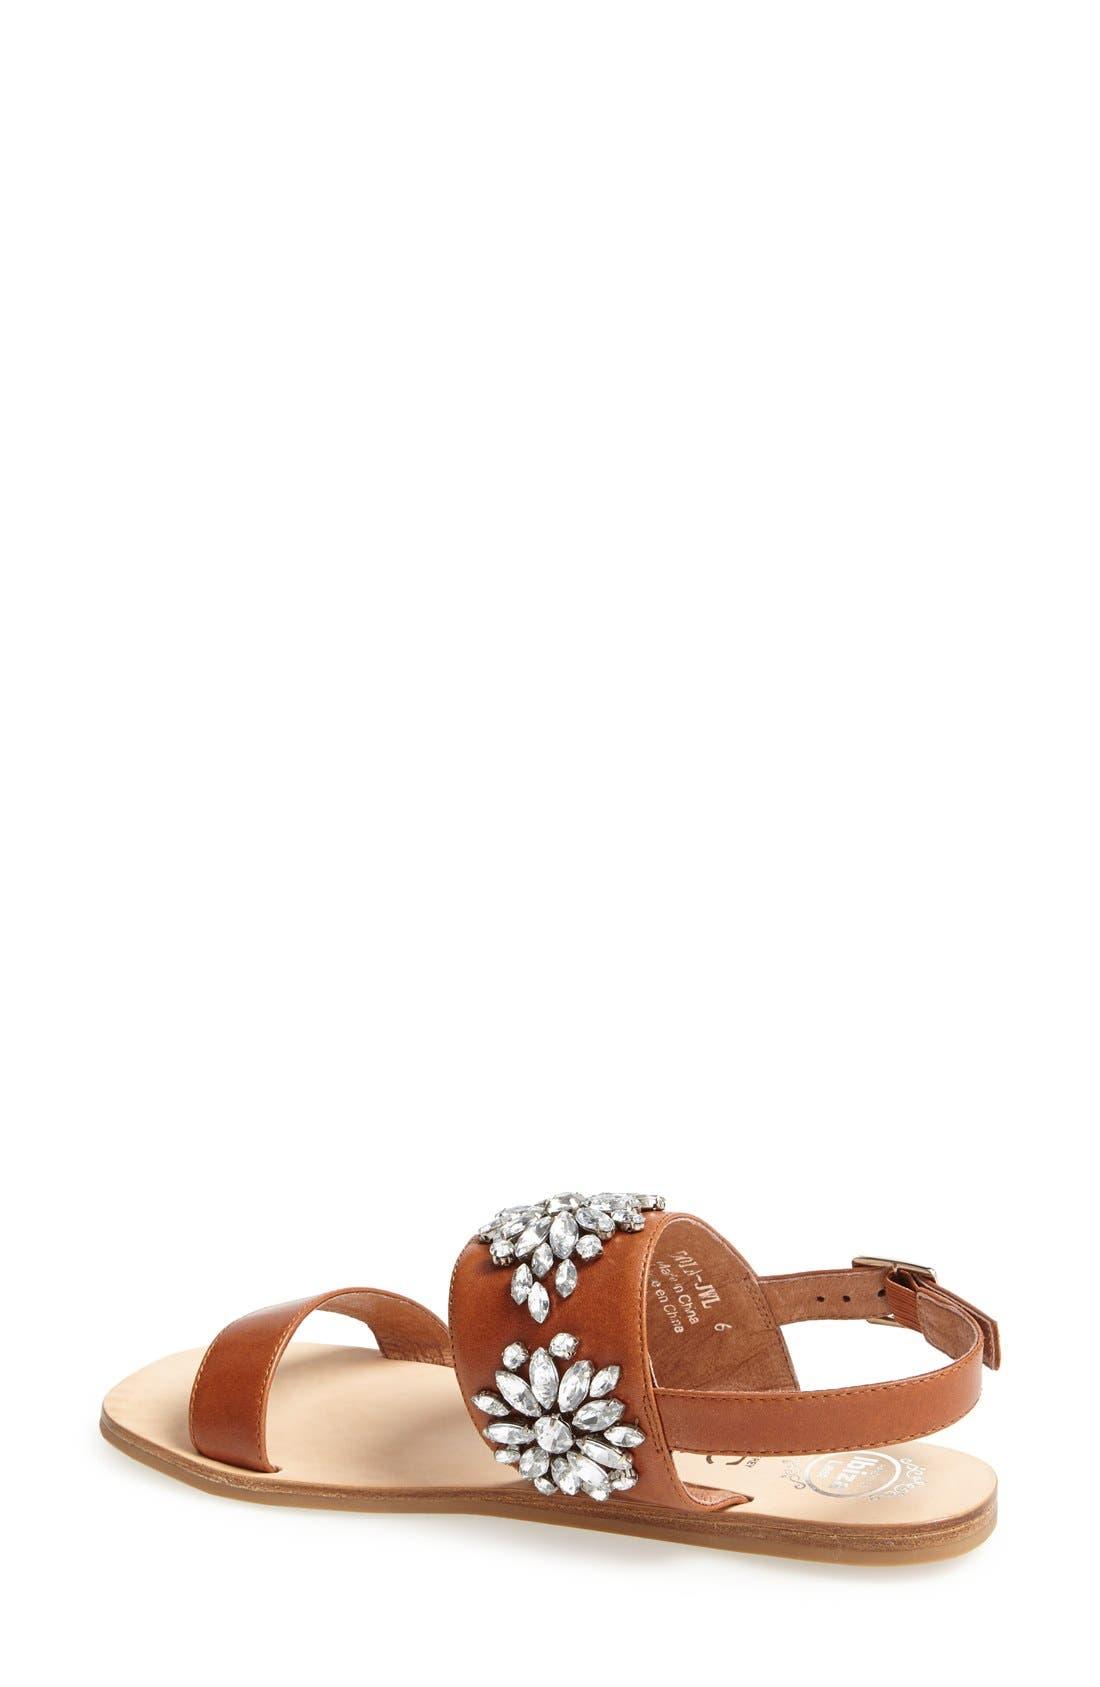 Alternate Image 2  - Jeffrey Campbell 'Dola' Jeweled Leather Sandal (Women)